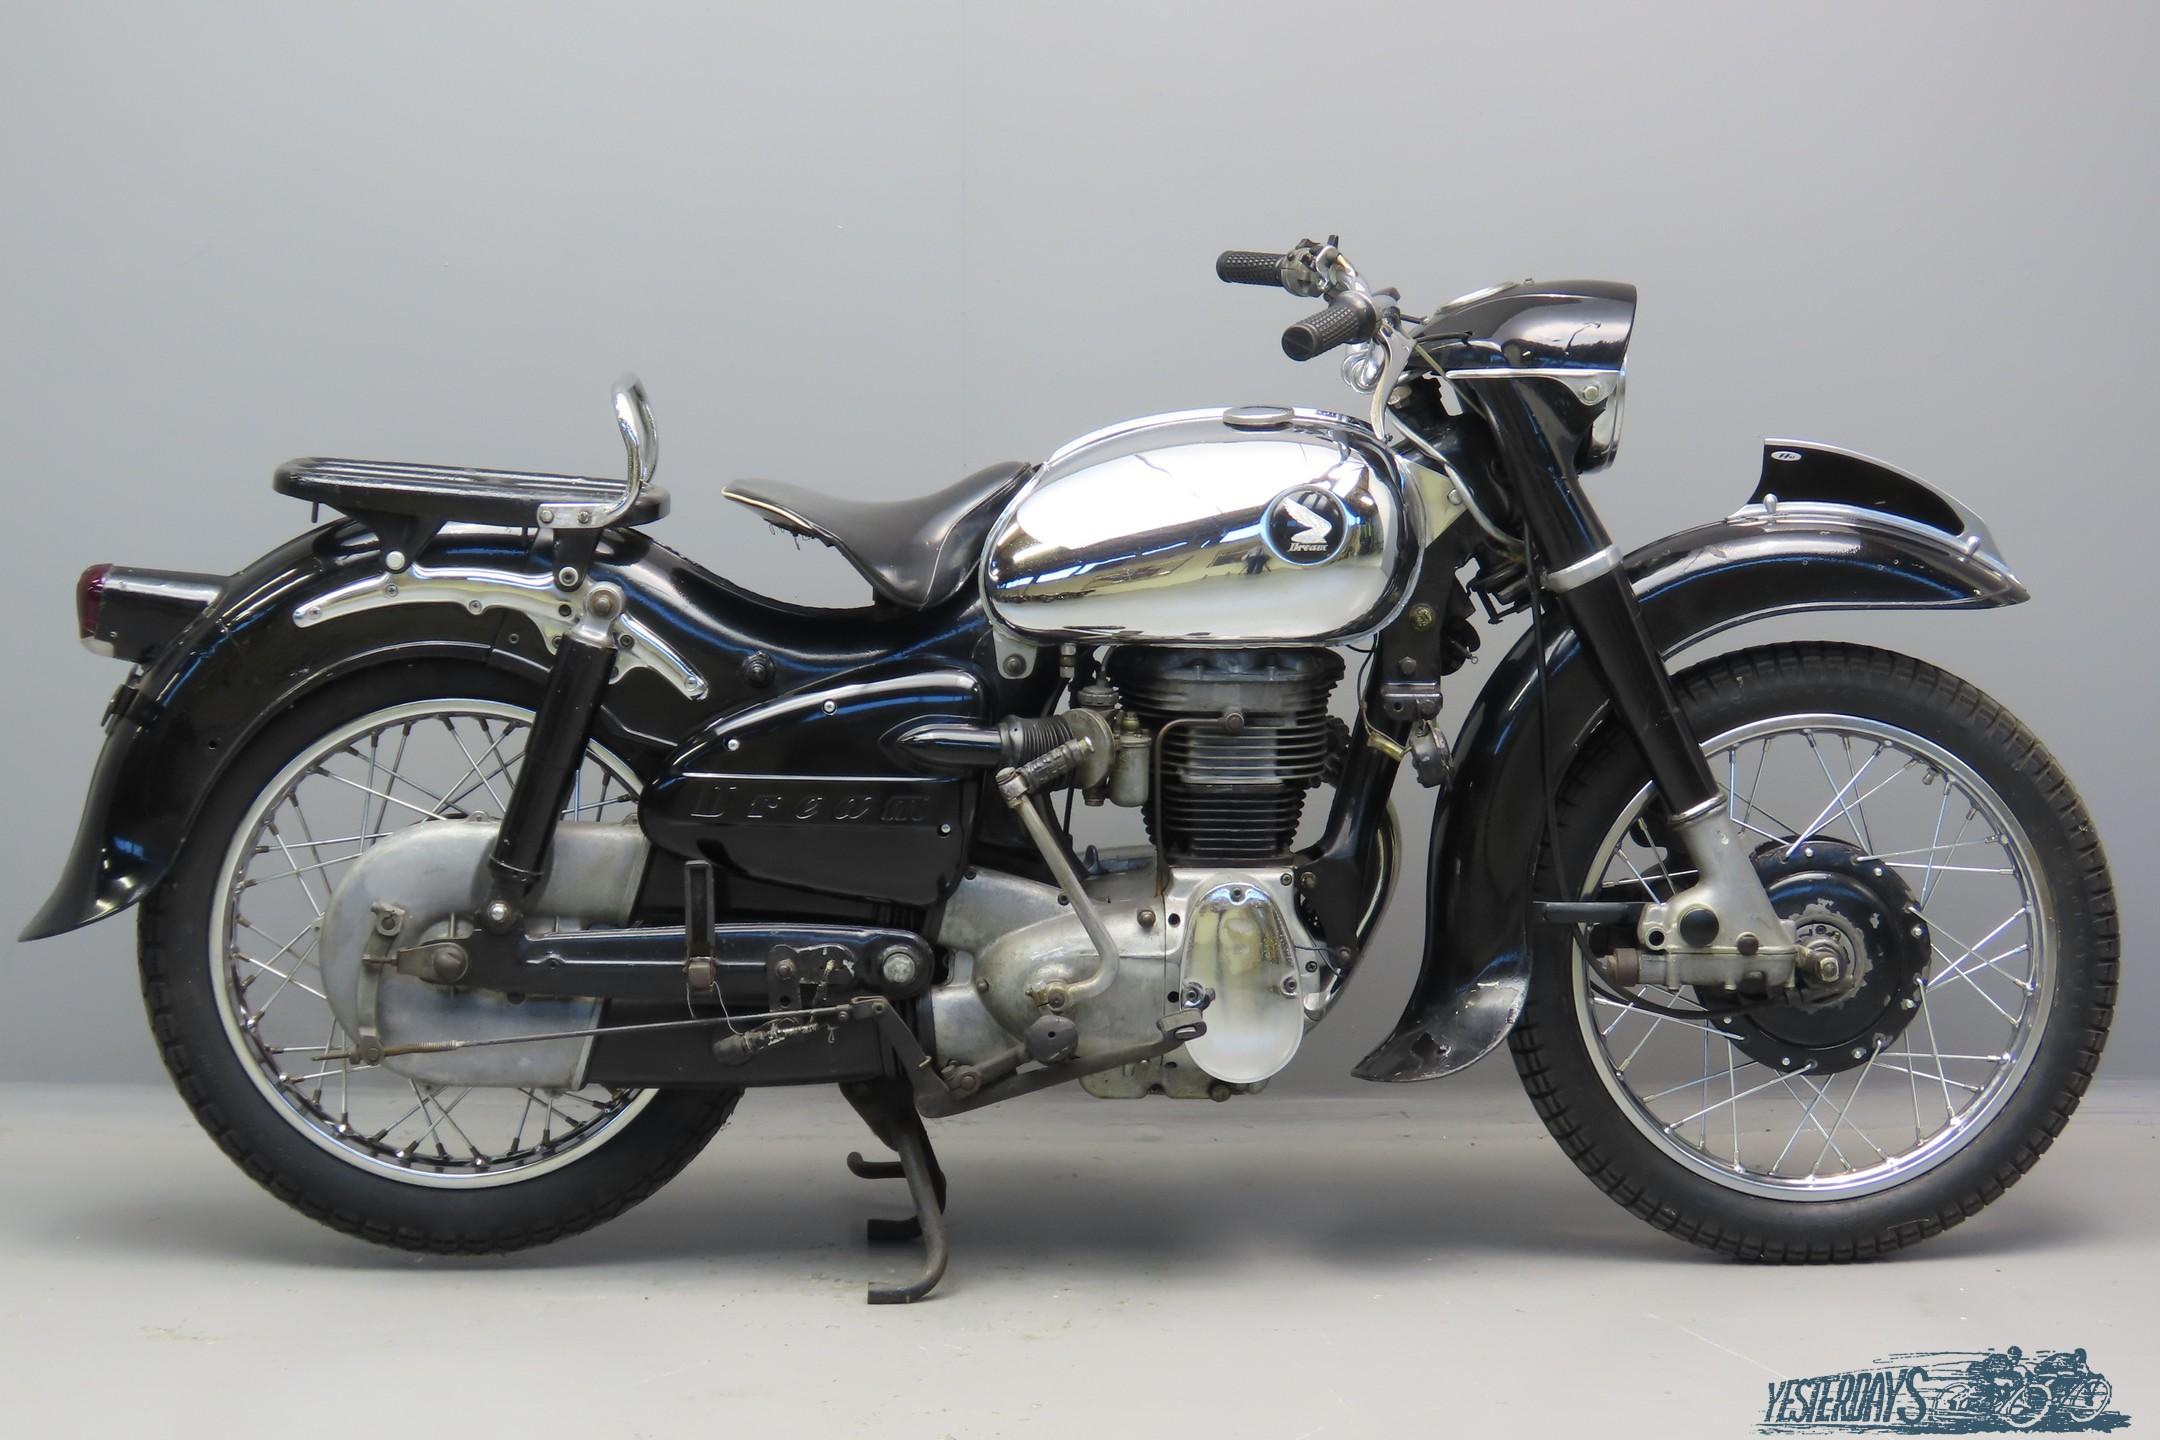 Honda 1957 ME250 Dream 246cc 1 cyl ohc   3009